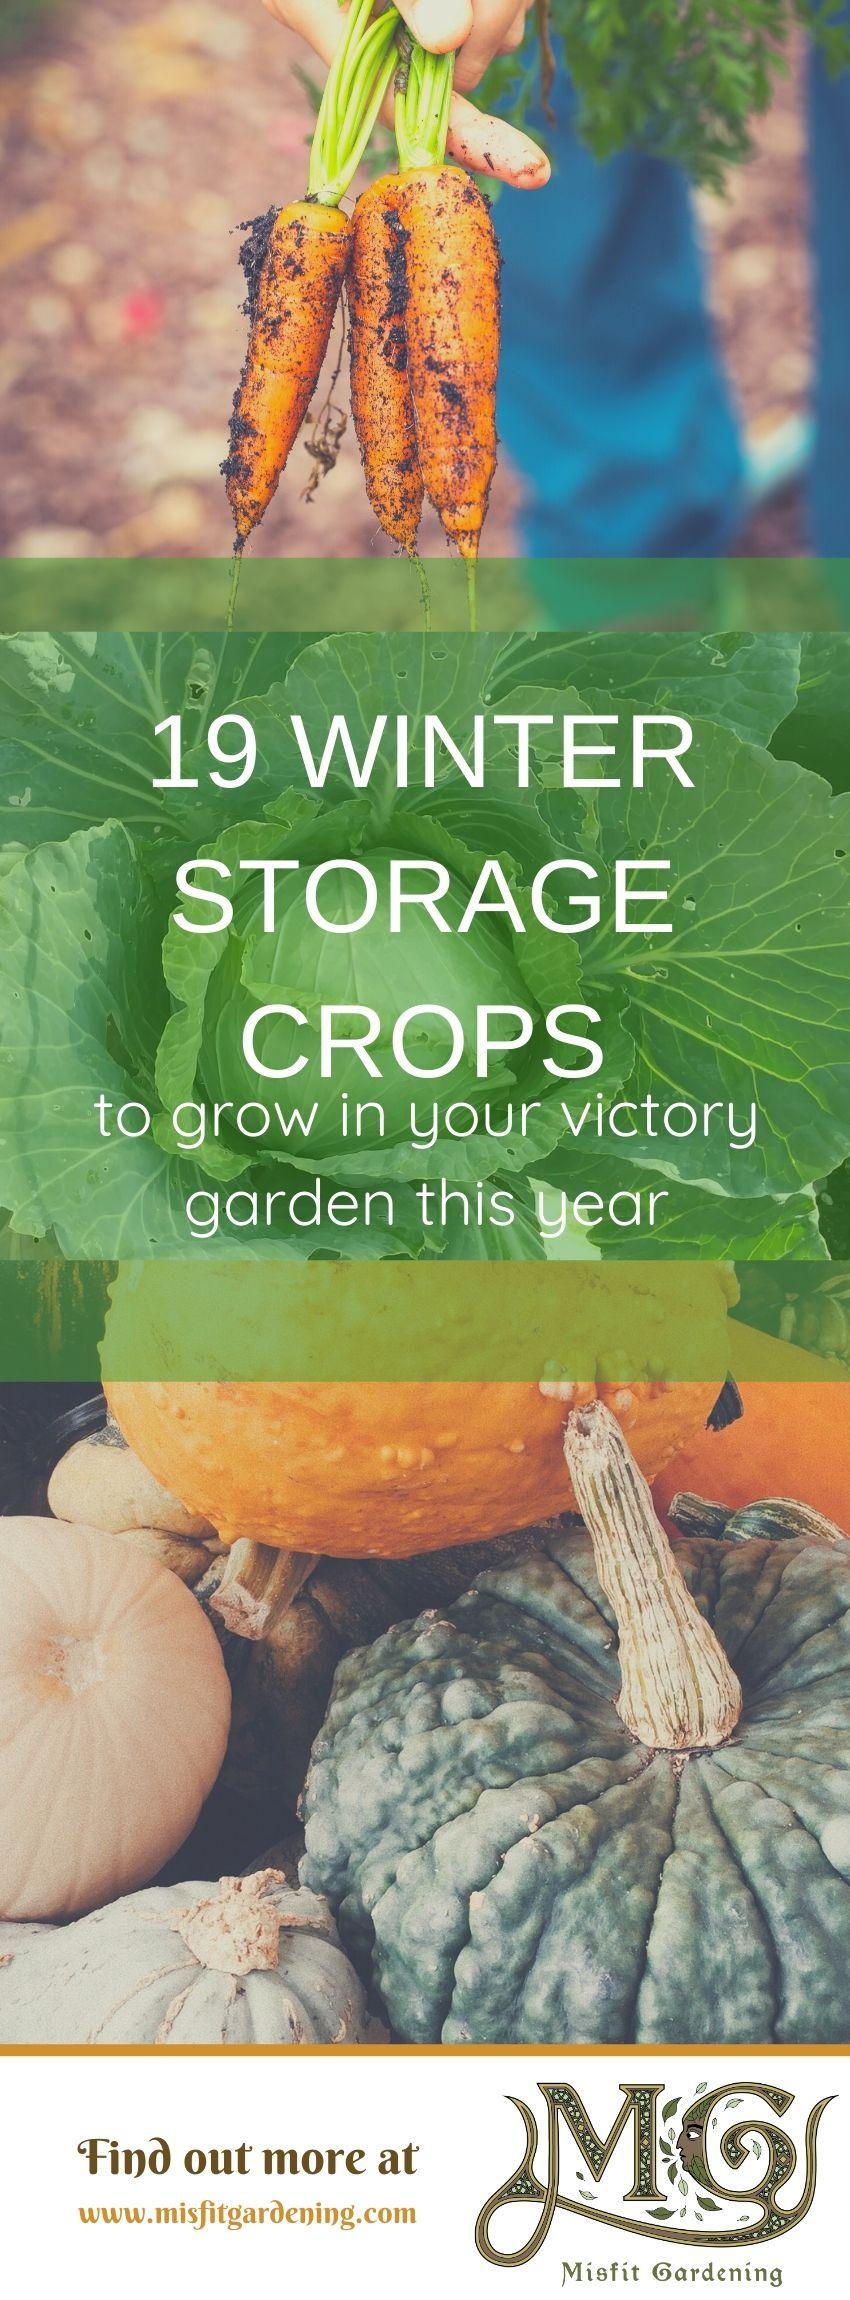 Entdecken Sie 19 klassische Winterlagerpflanzen, die Sie in dieser Saison in Ihrem Siegesgarten auf Ihrem Gehöft anbauen können. Klicken Sie hier, um mehr zu erfahren, oder stecken Sie es fest und speichern Sie es für später. #Garten #Nongmo #Haus